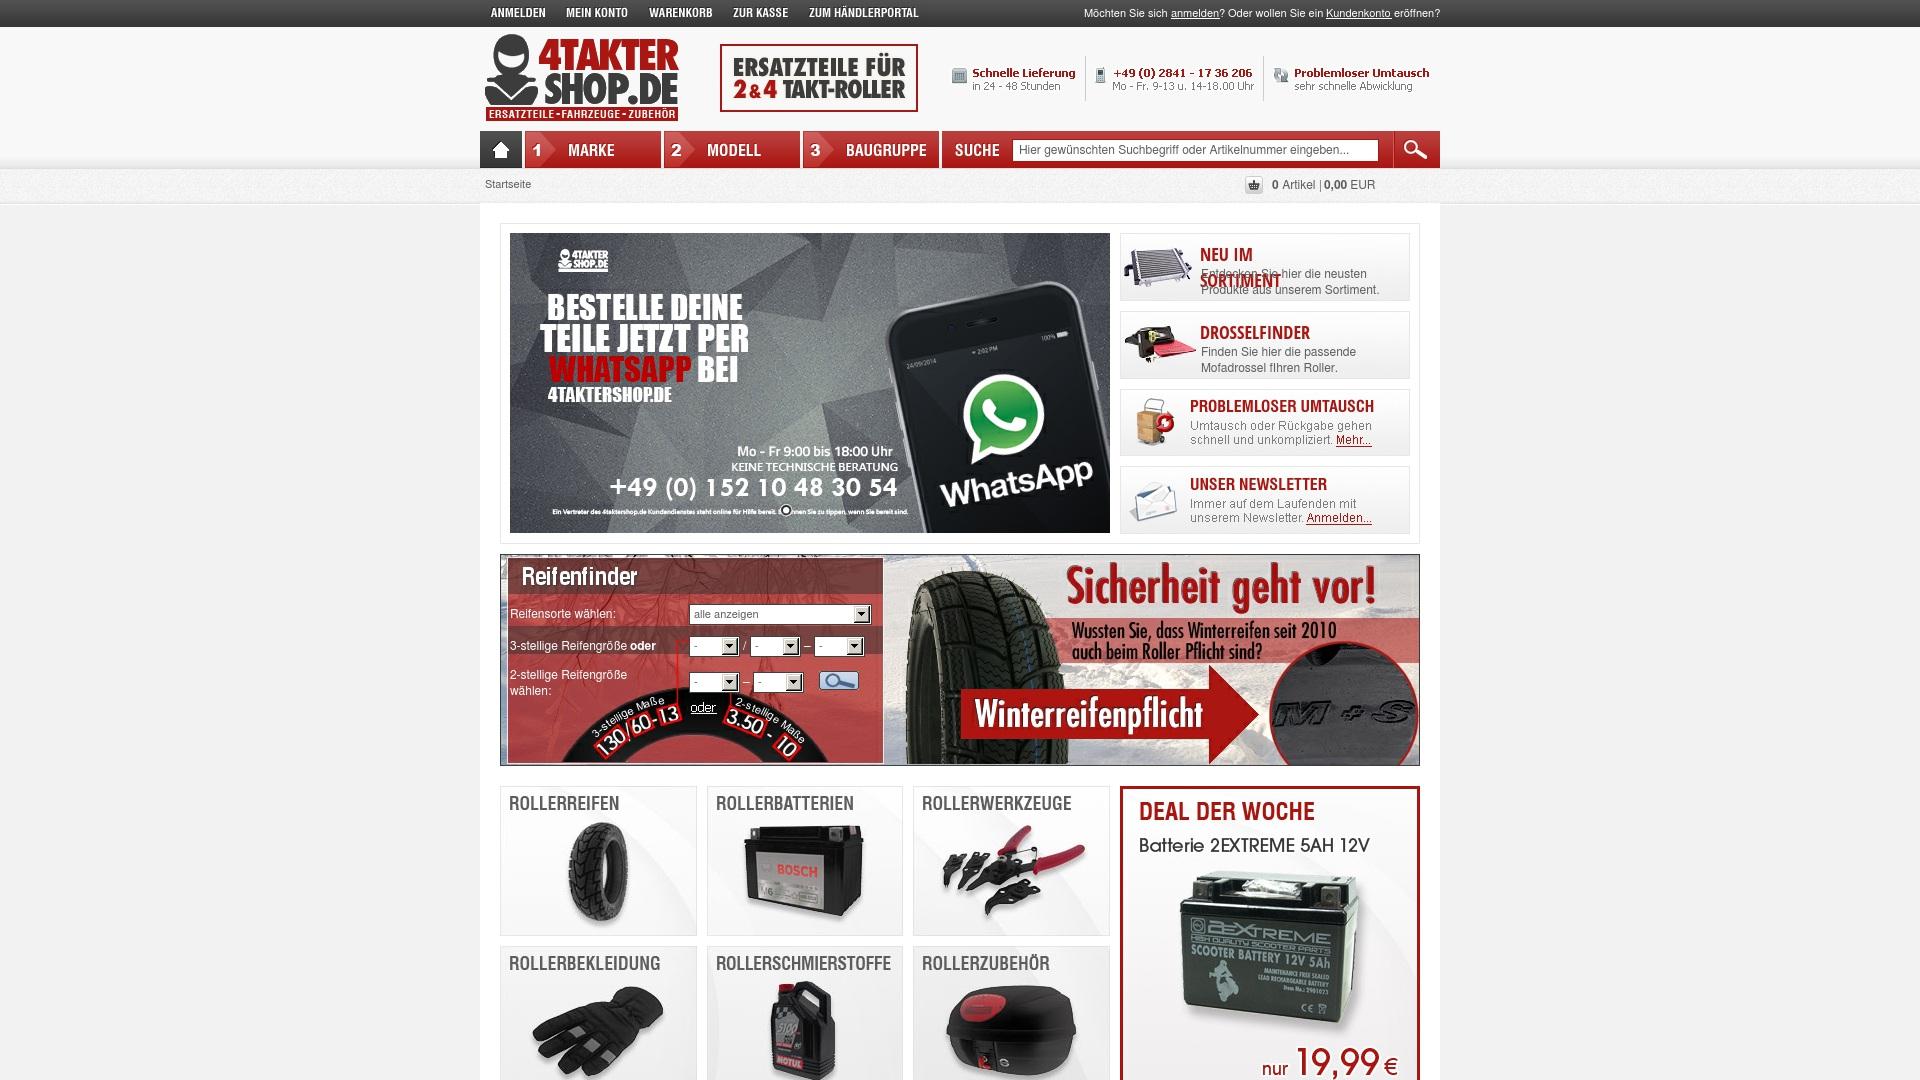 Gutschein für 4taktershop: Rabatte für  4taktershop sichern